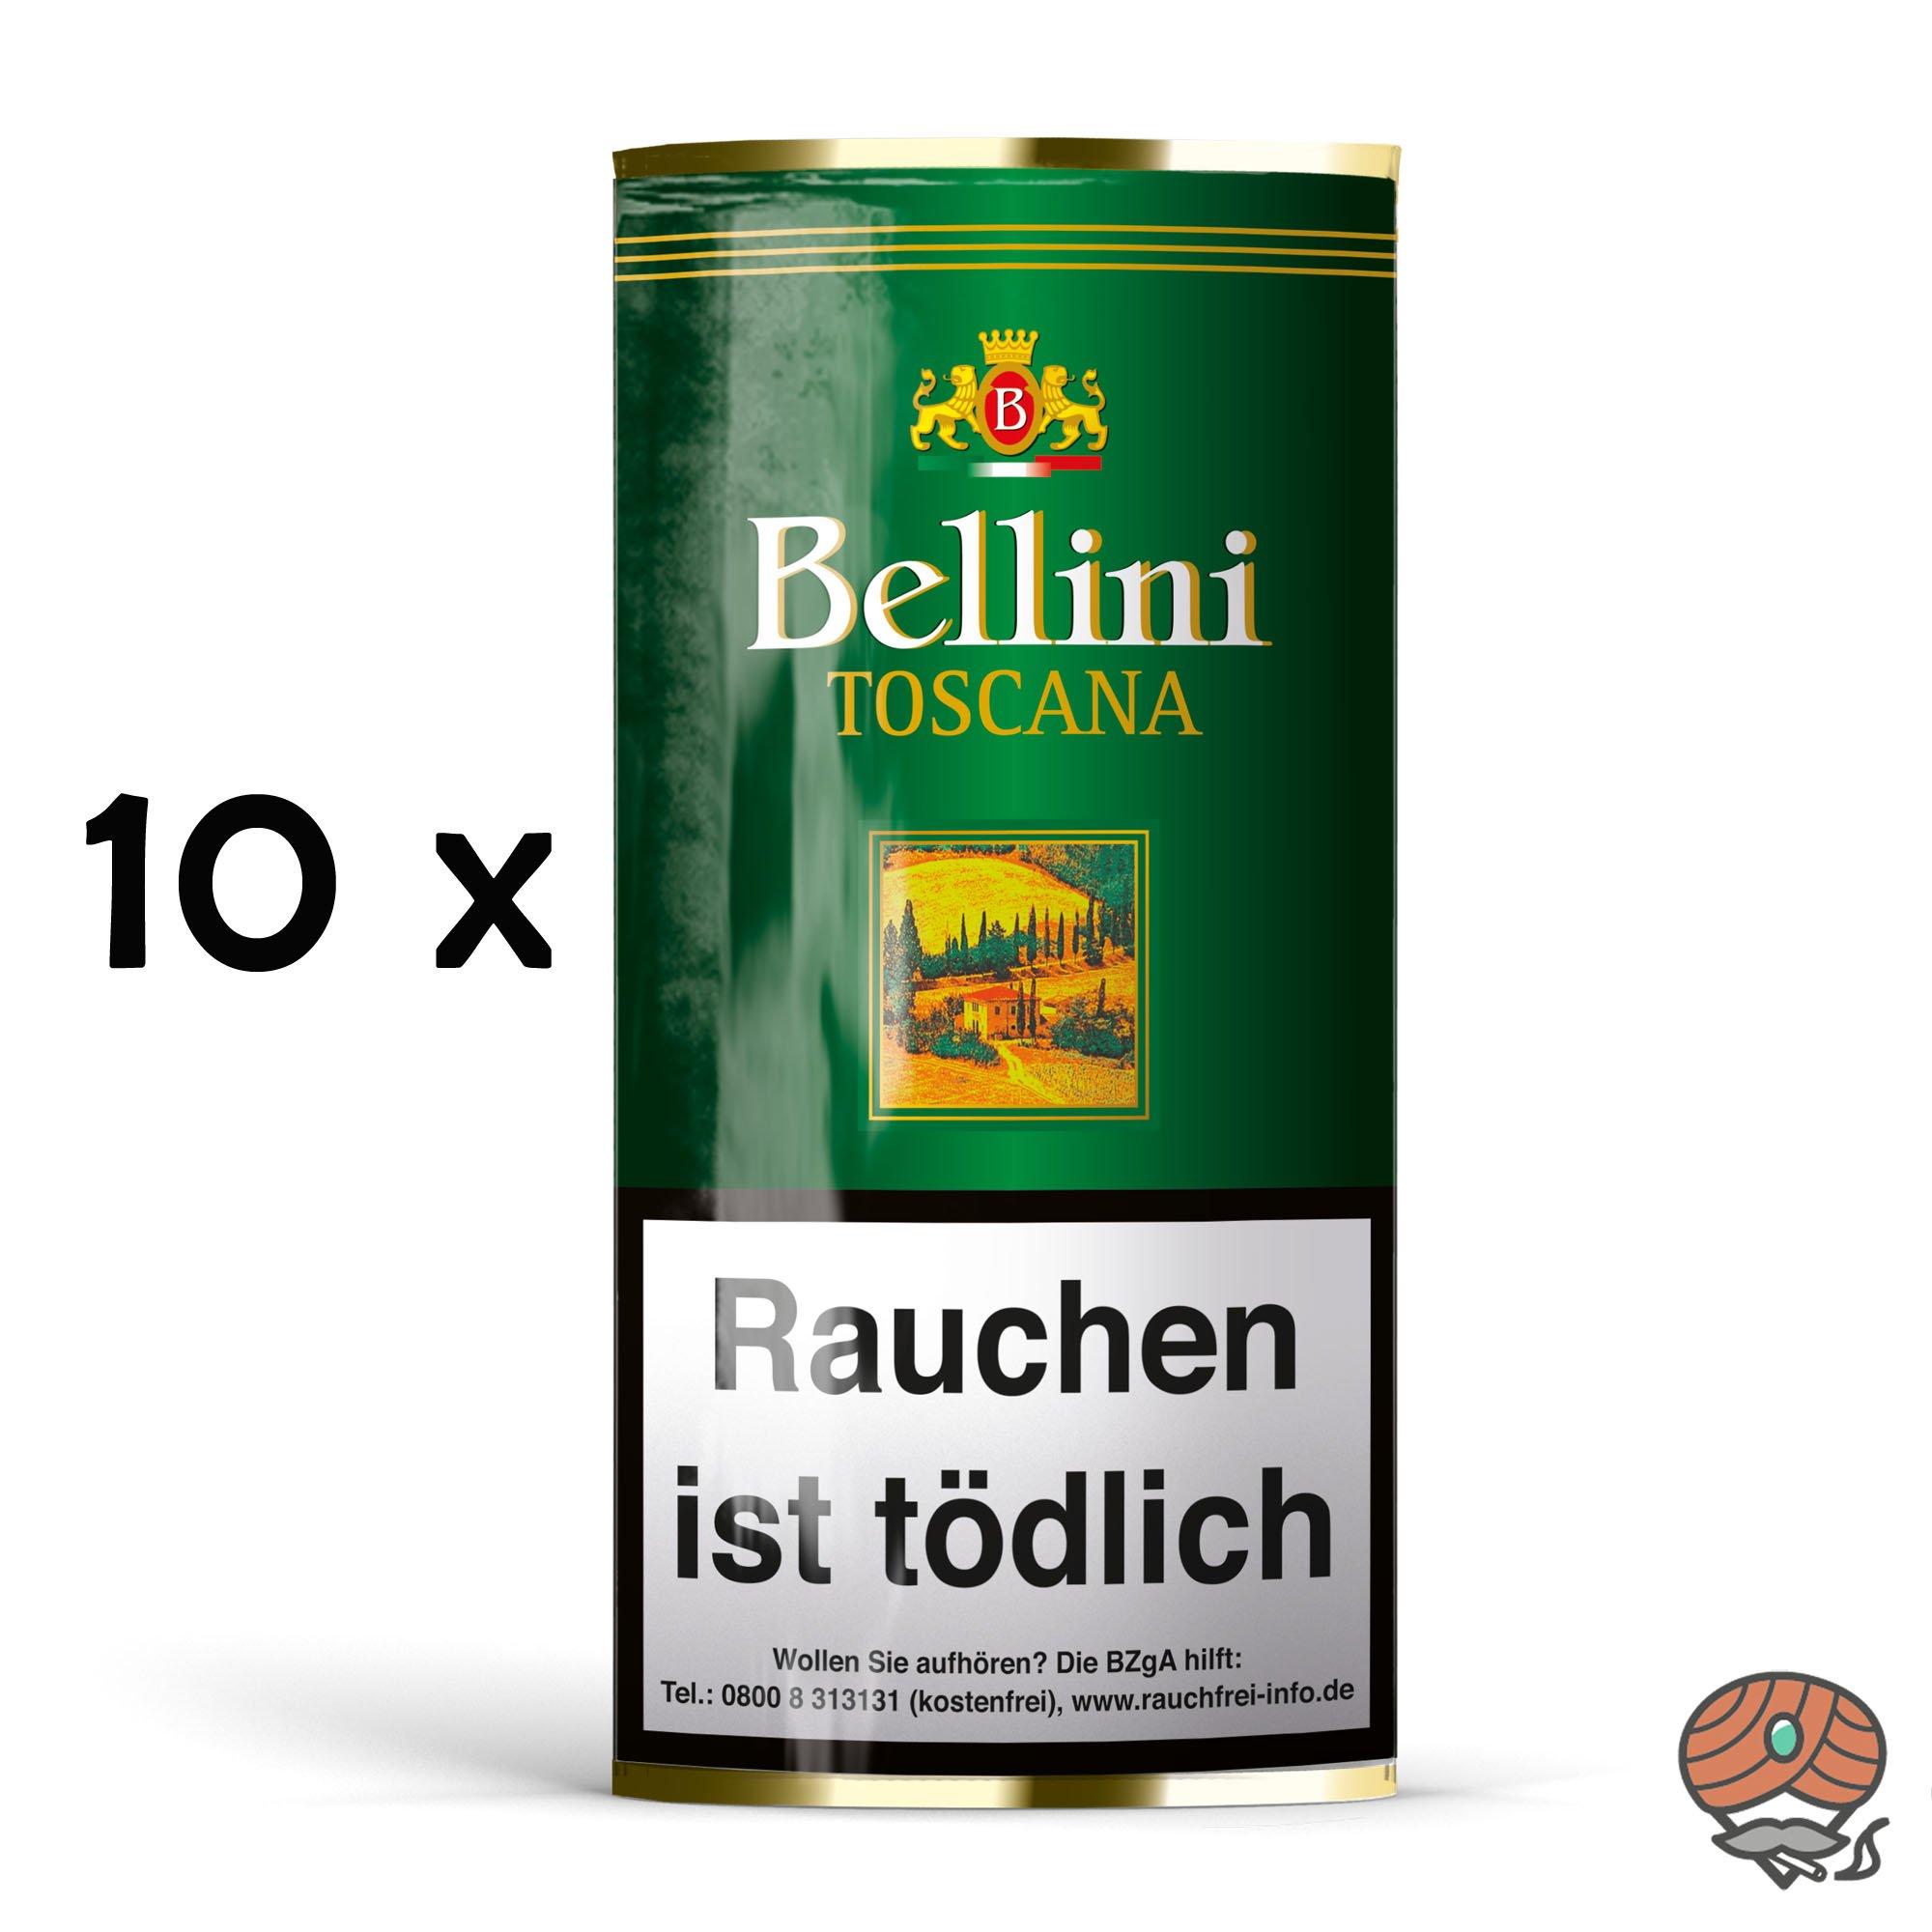 10 x Bellini Toscana Pfeifentabak 50g Pouch